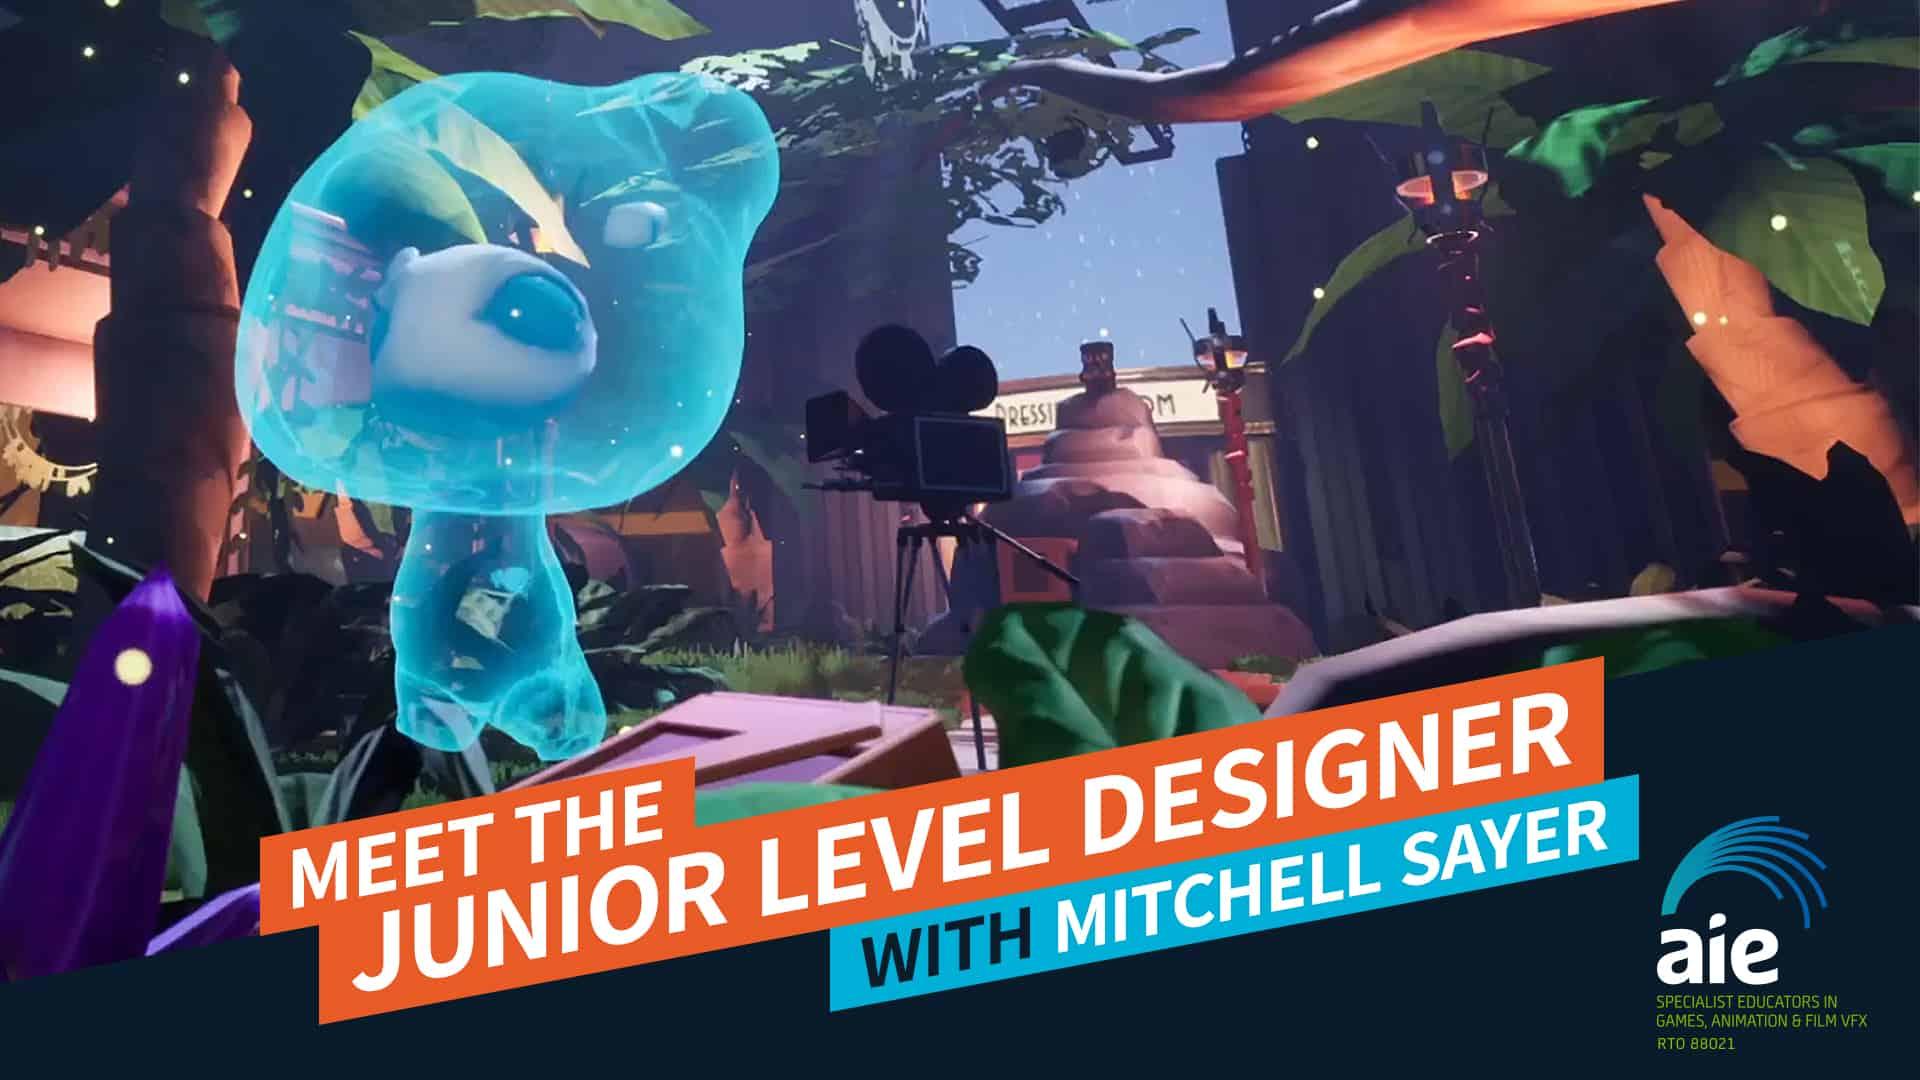 Meet the Junior Level Designer: Mitchell Sayer | AIE Workshop